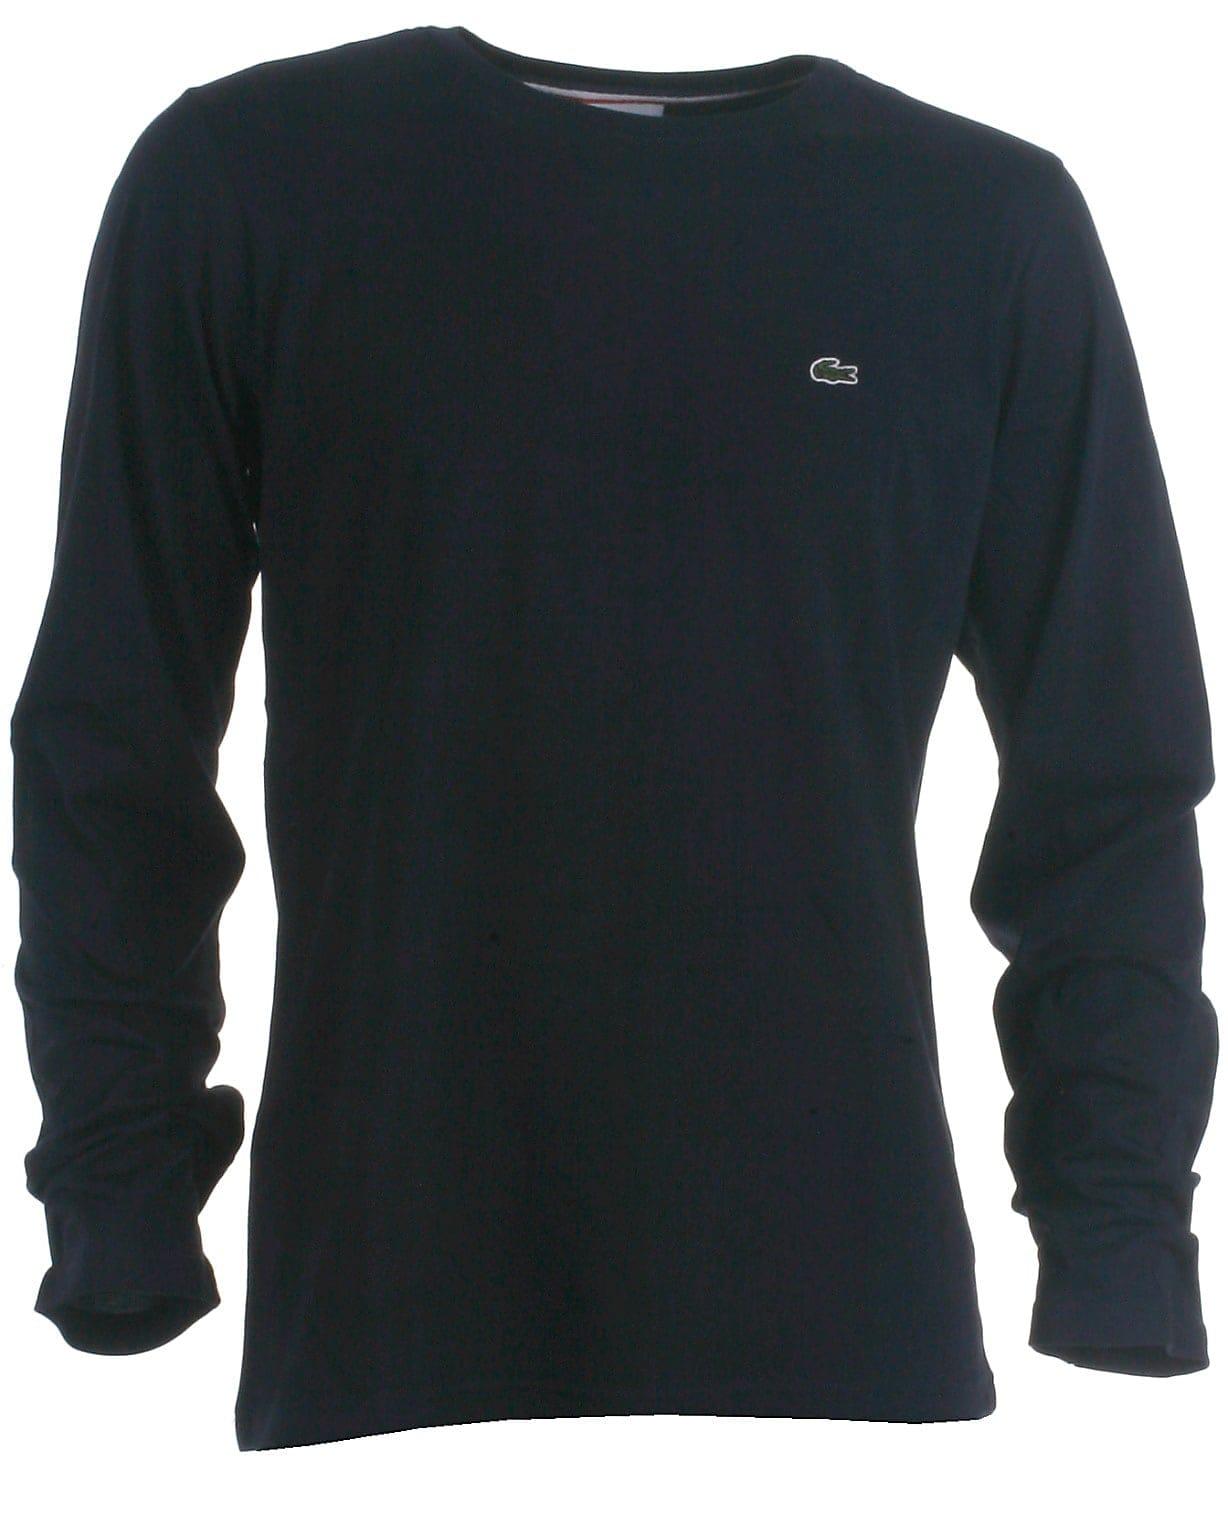 Lacoste t-shirt l/s, navy